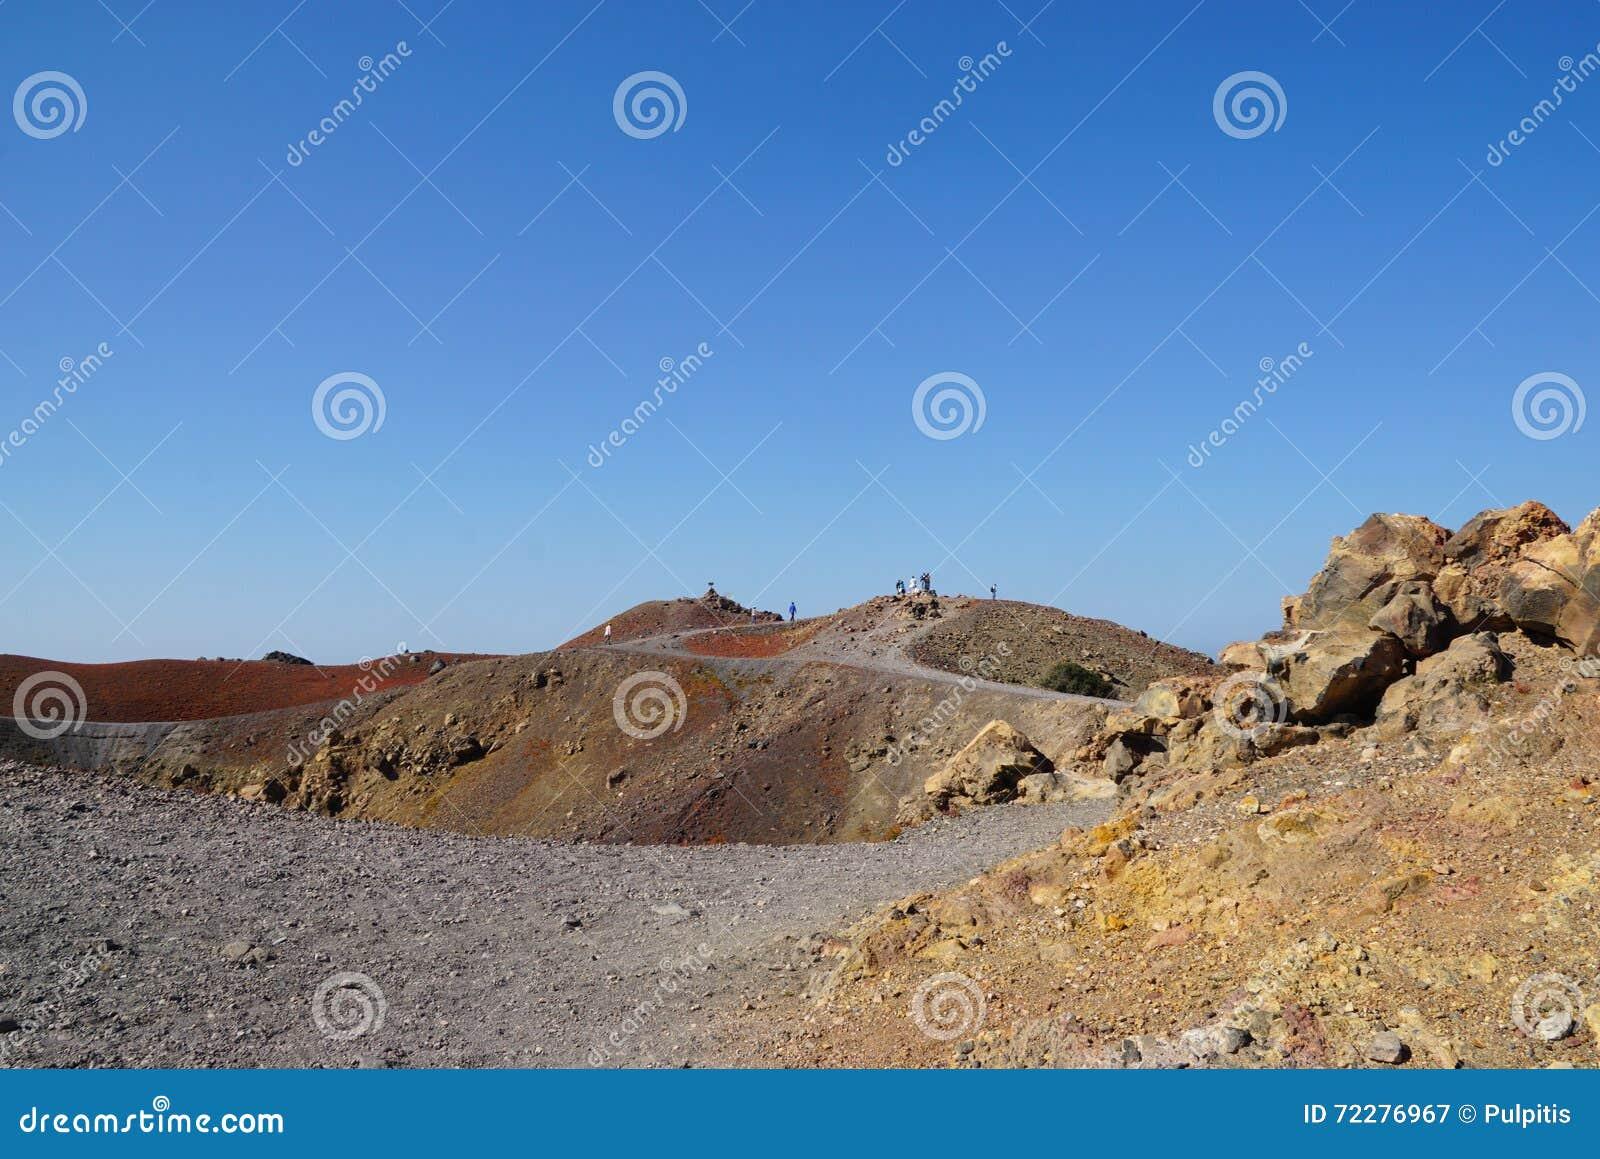 Download Остров Nea Kameni около Santorini в Греции Стоковое Изображение - изображение насчитывающей вулкан, остров: 72276967